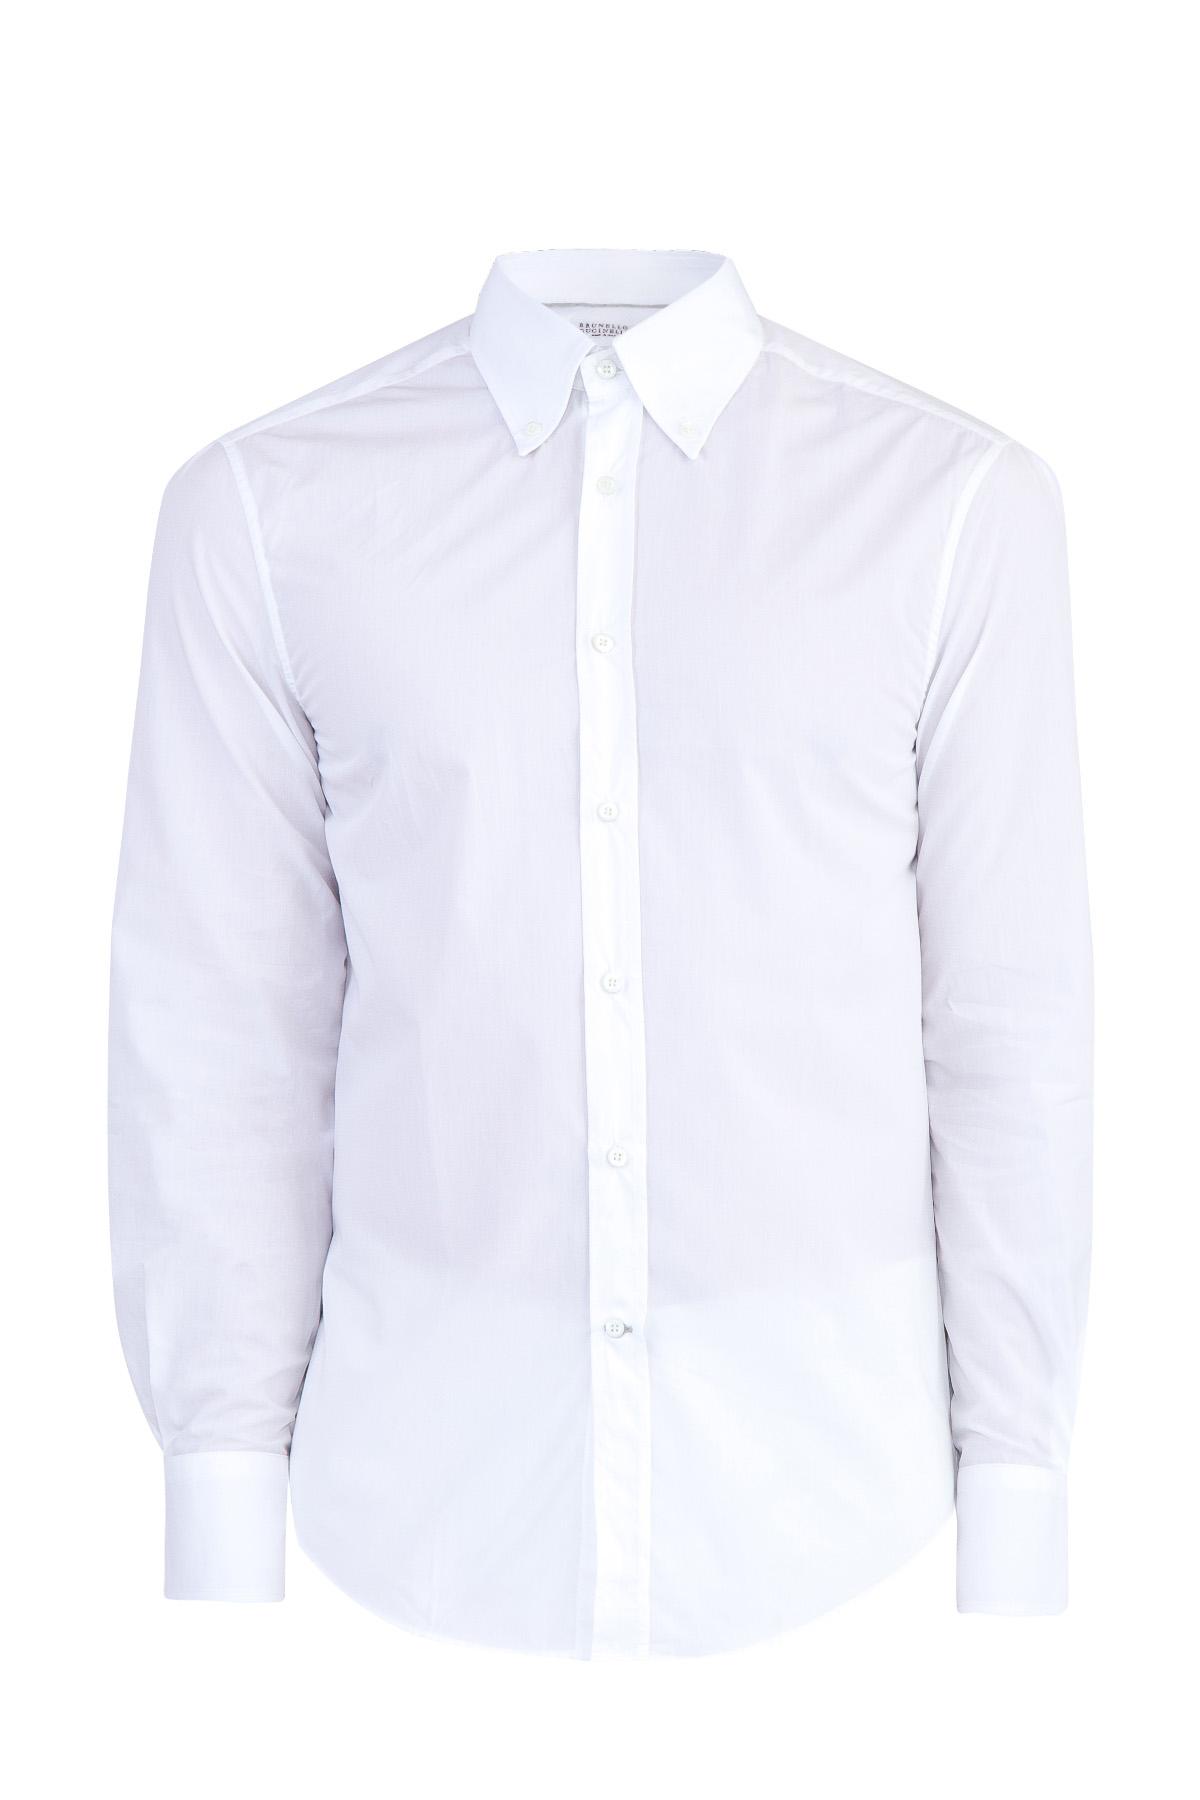 Купить Рубашка из хлопкового поплина с длинными рукавами, BRUNELLO CUCINELLI, Италия, хлопок 100%